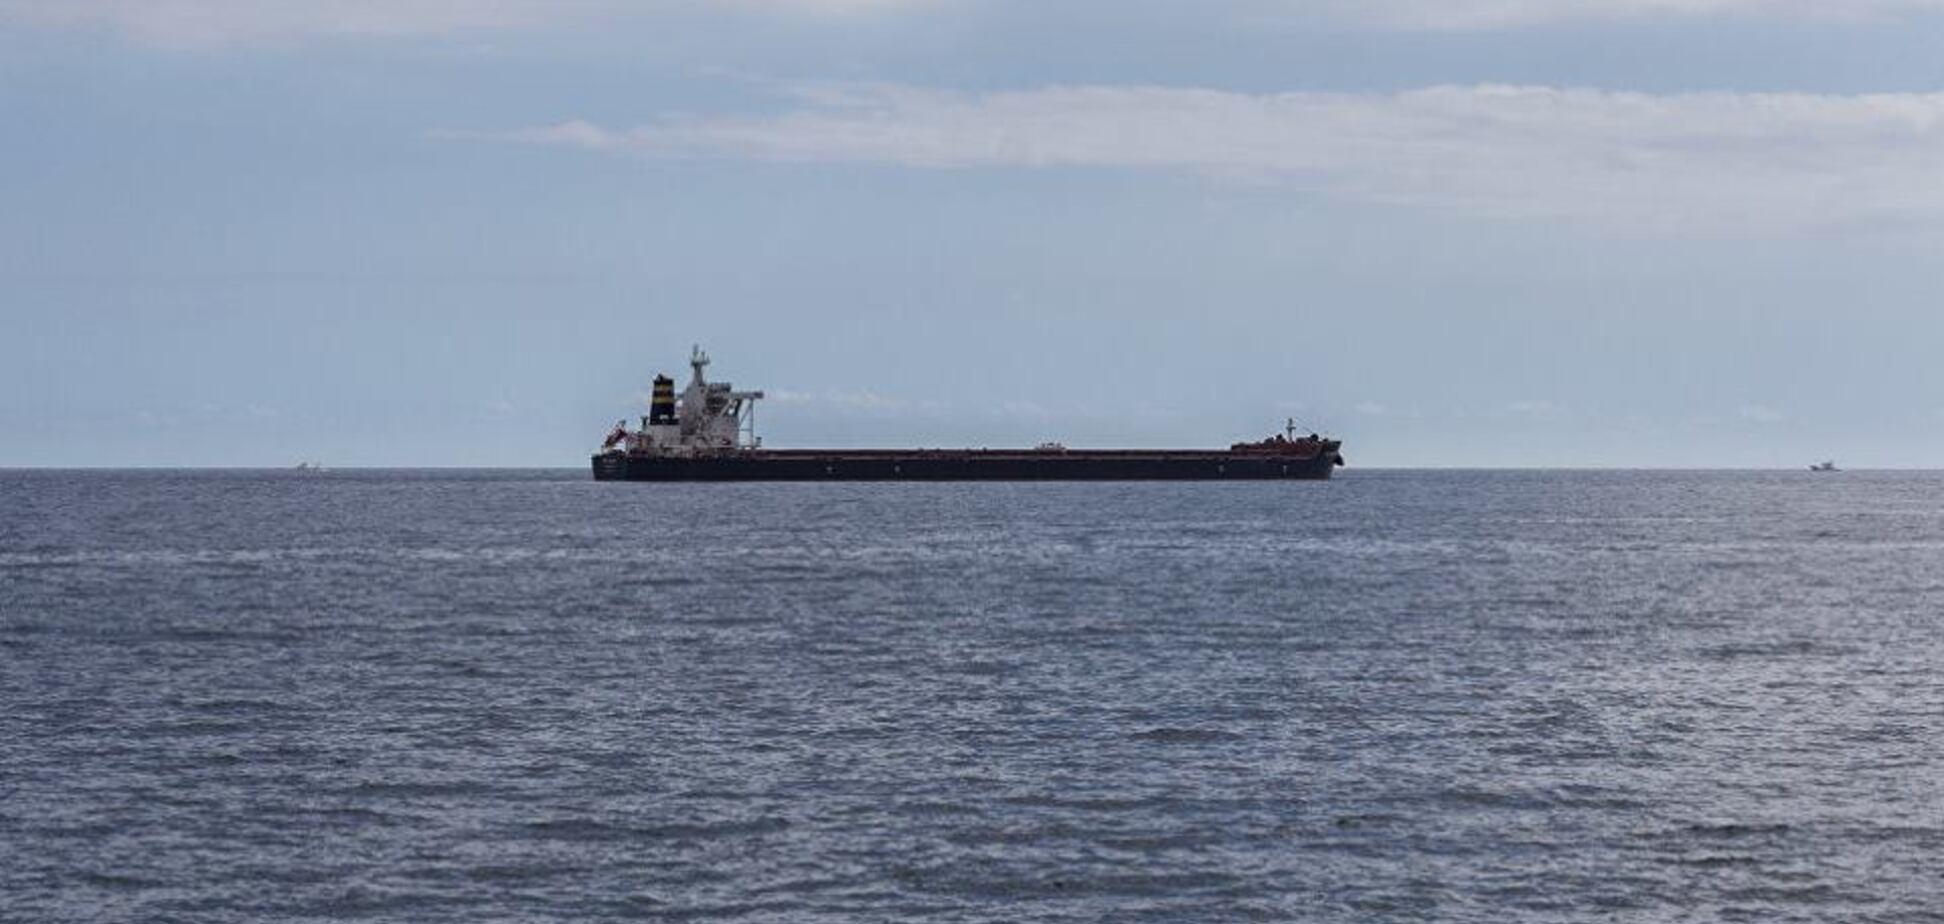 Прикордонники затримали танкер 'Мрія' - 'Тефін'